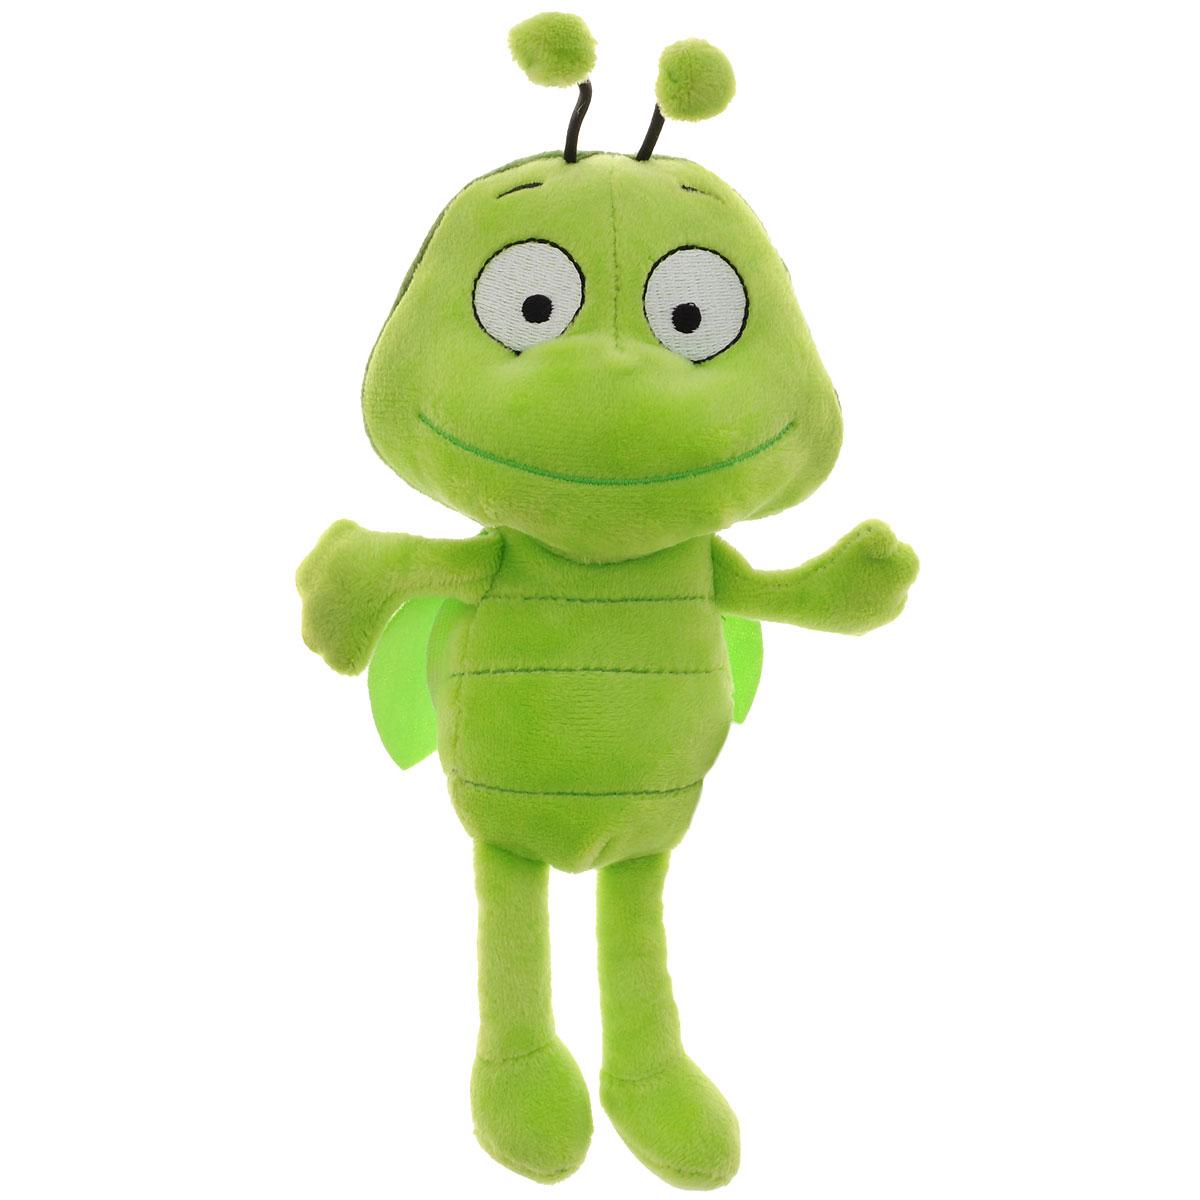 Игрушка мягкая Пчелка Майя Бен, цвет: зеленый, 22 см. GT6453GT6453Мягкая игрушка Бен выполнена очень качественно и реалистично, очень приятная на ощупь. Понравится маленьким любителям известного мультфильма Приключения пчелки Майи. Игрушка русифицирована, Бен поет песенку из мультфильма и говорит 7 фраз. Для работы игрушки необходимы 2 батарейки типа АА (входят в комплект).